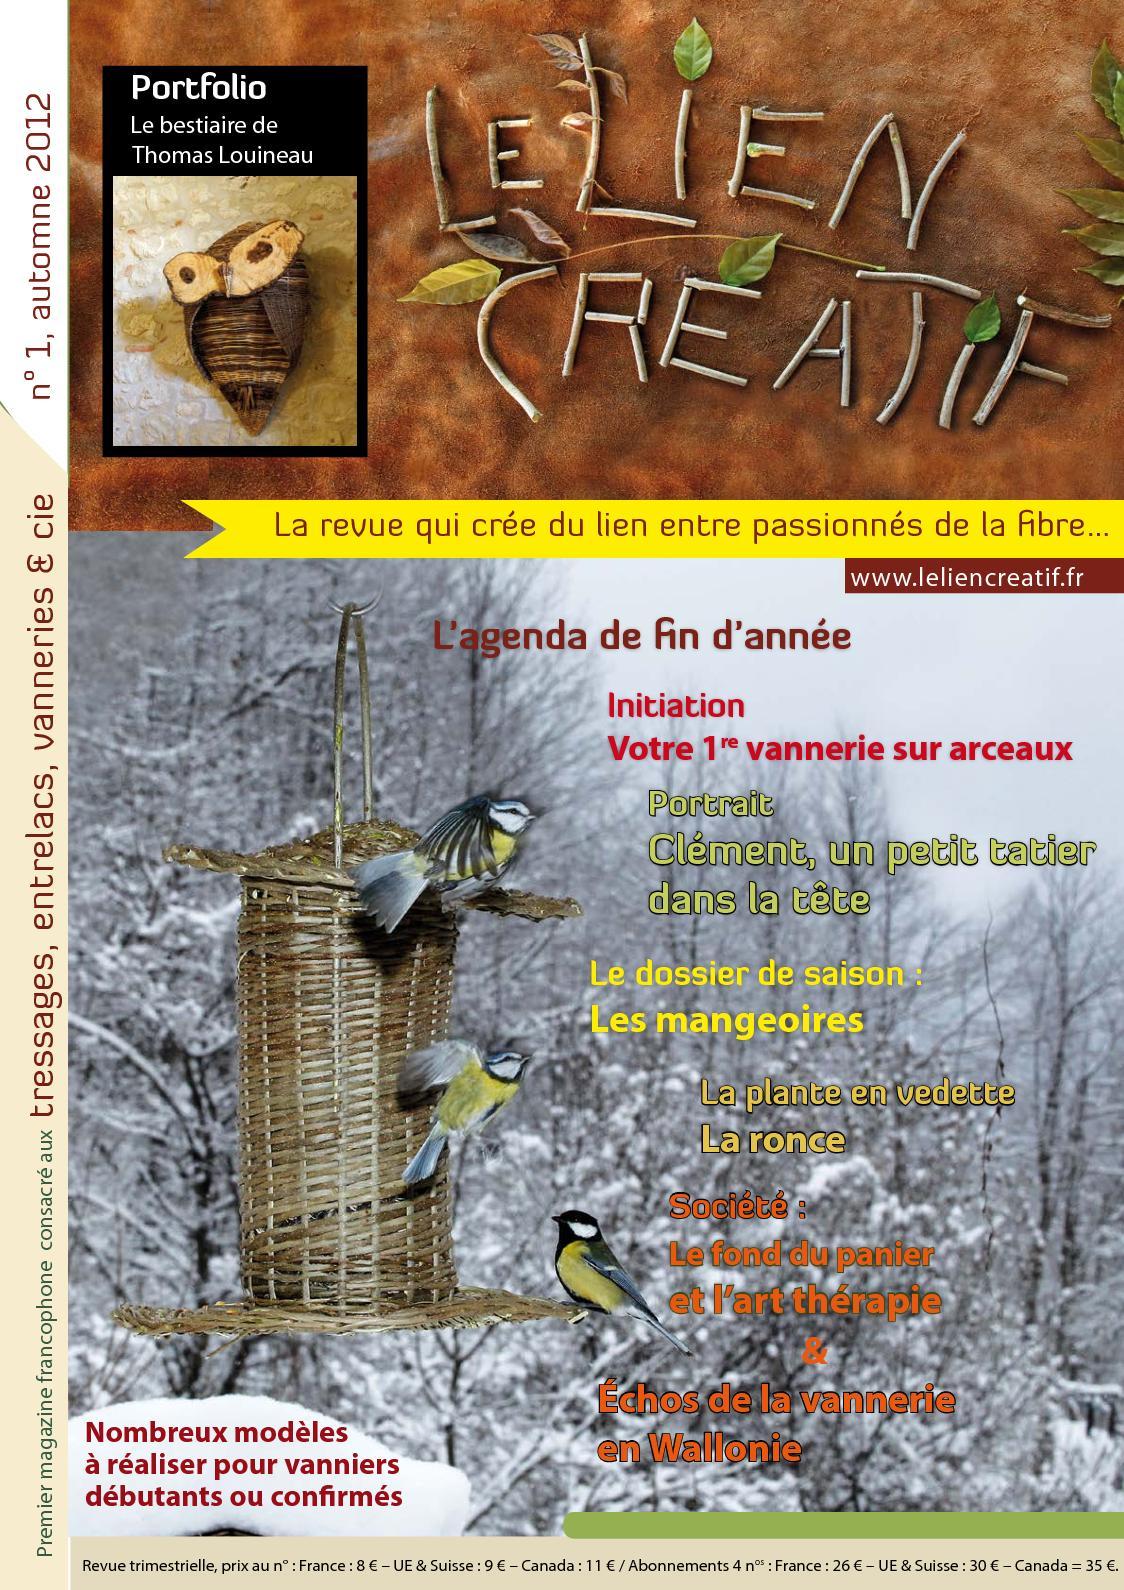 e6209c6c12 Calaméo - Le Lien Creatif 1